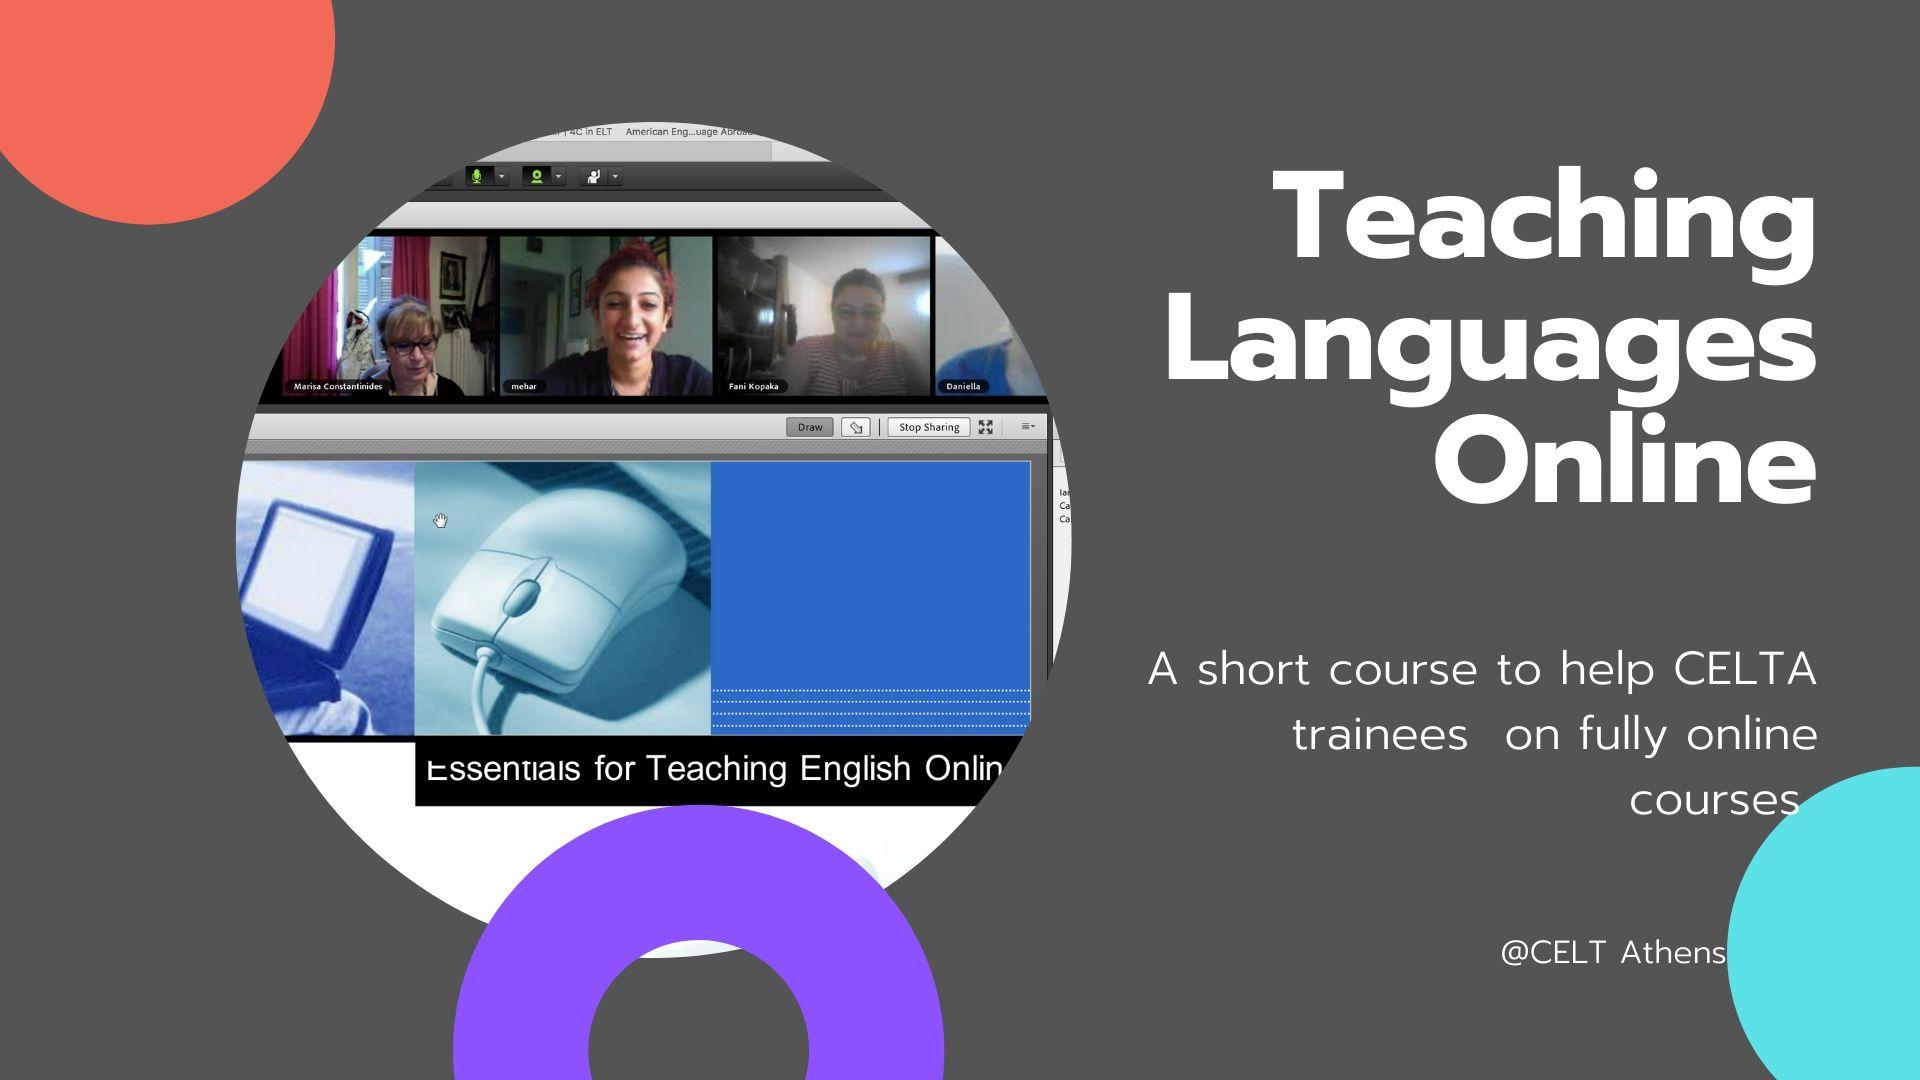 Teaching Languages Online 8